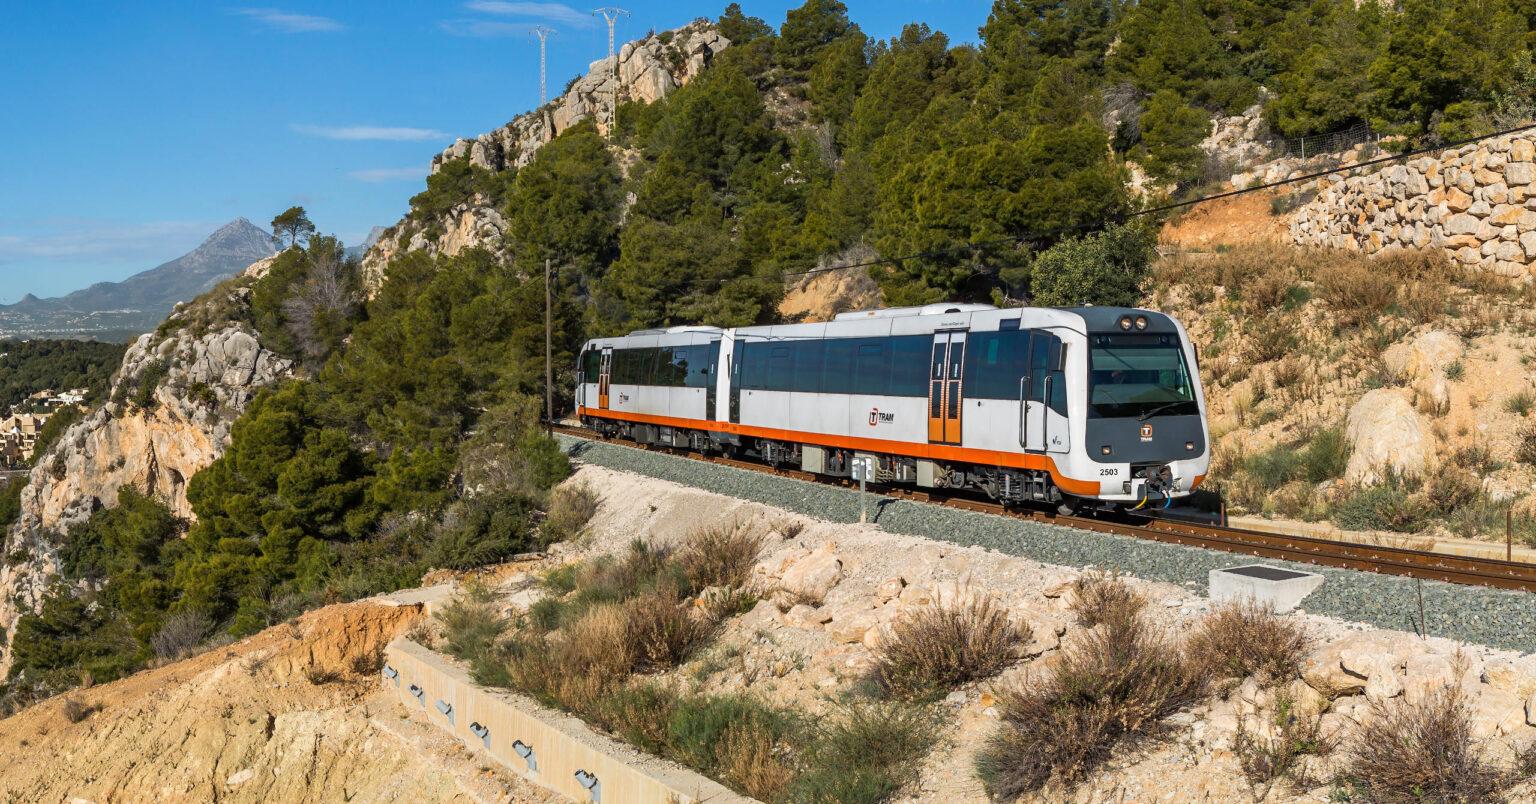 Unidad de la serie 2500 del Tram de Alicante circulando entre Olla Altea y Calpe. Foto (CC BY SA): Kabelleger